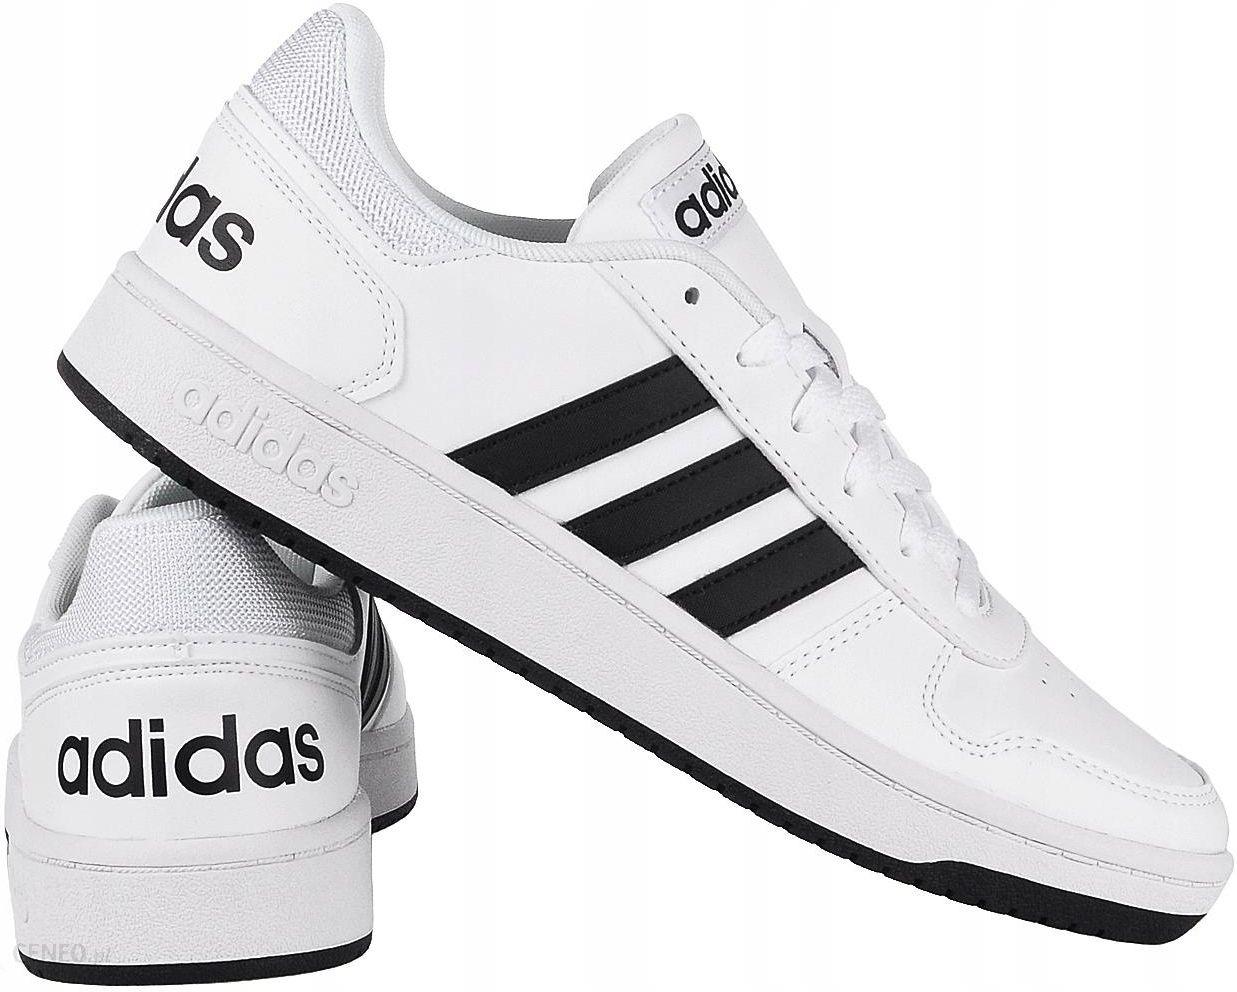 Adidas Hoops 2.0 Buty męskie Białe r.46 Ceny i opinie